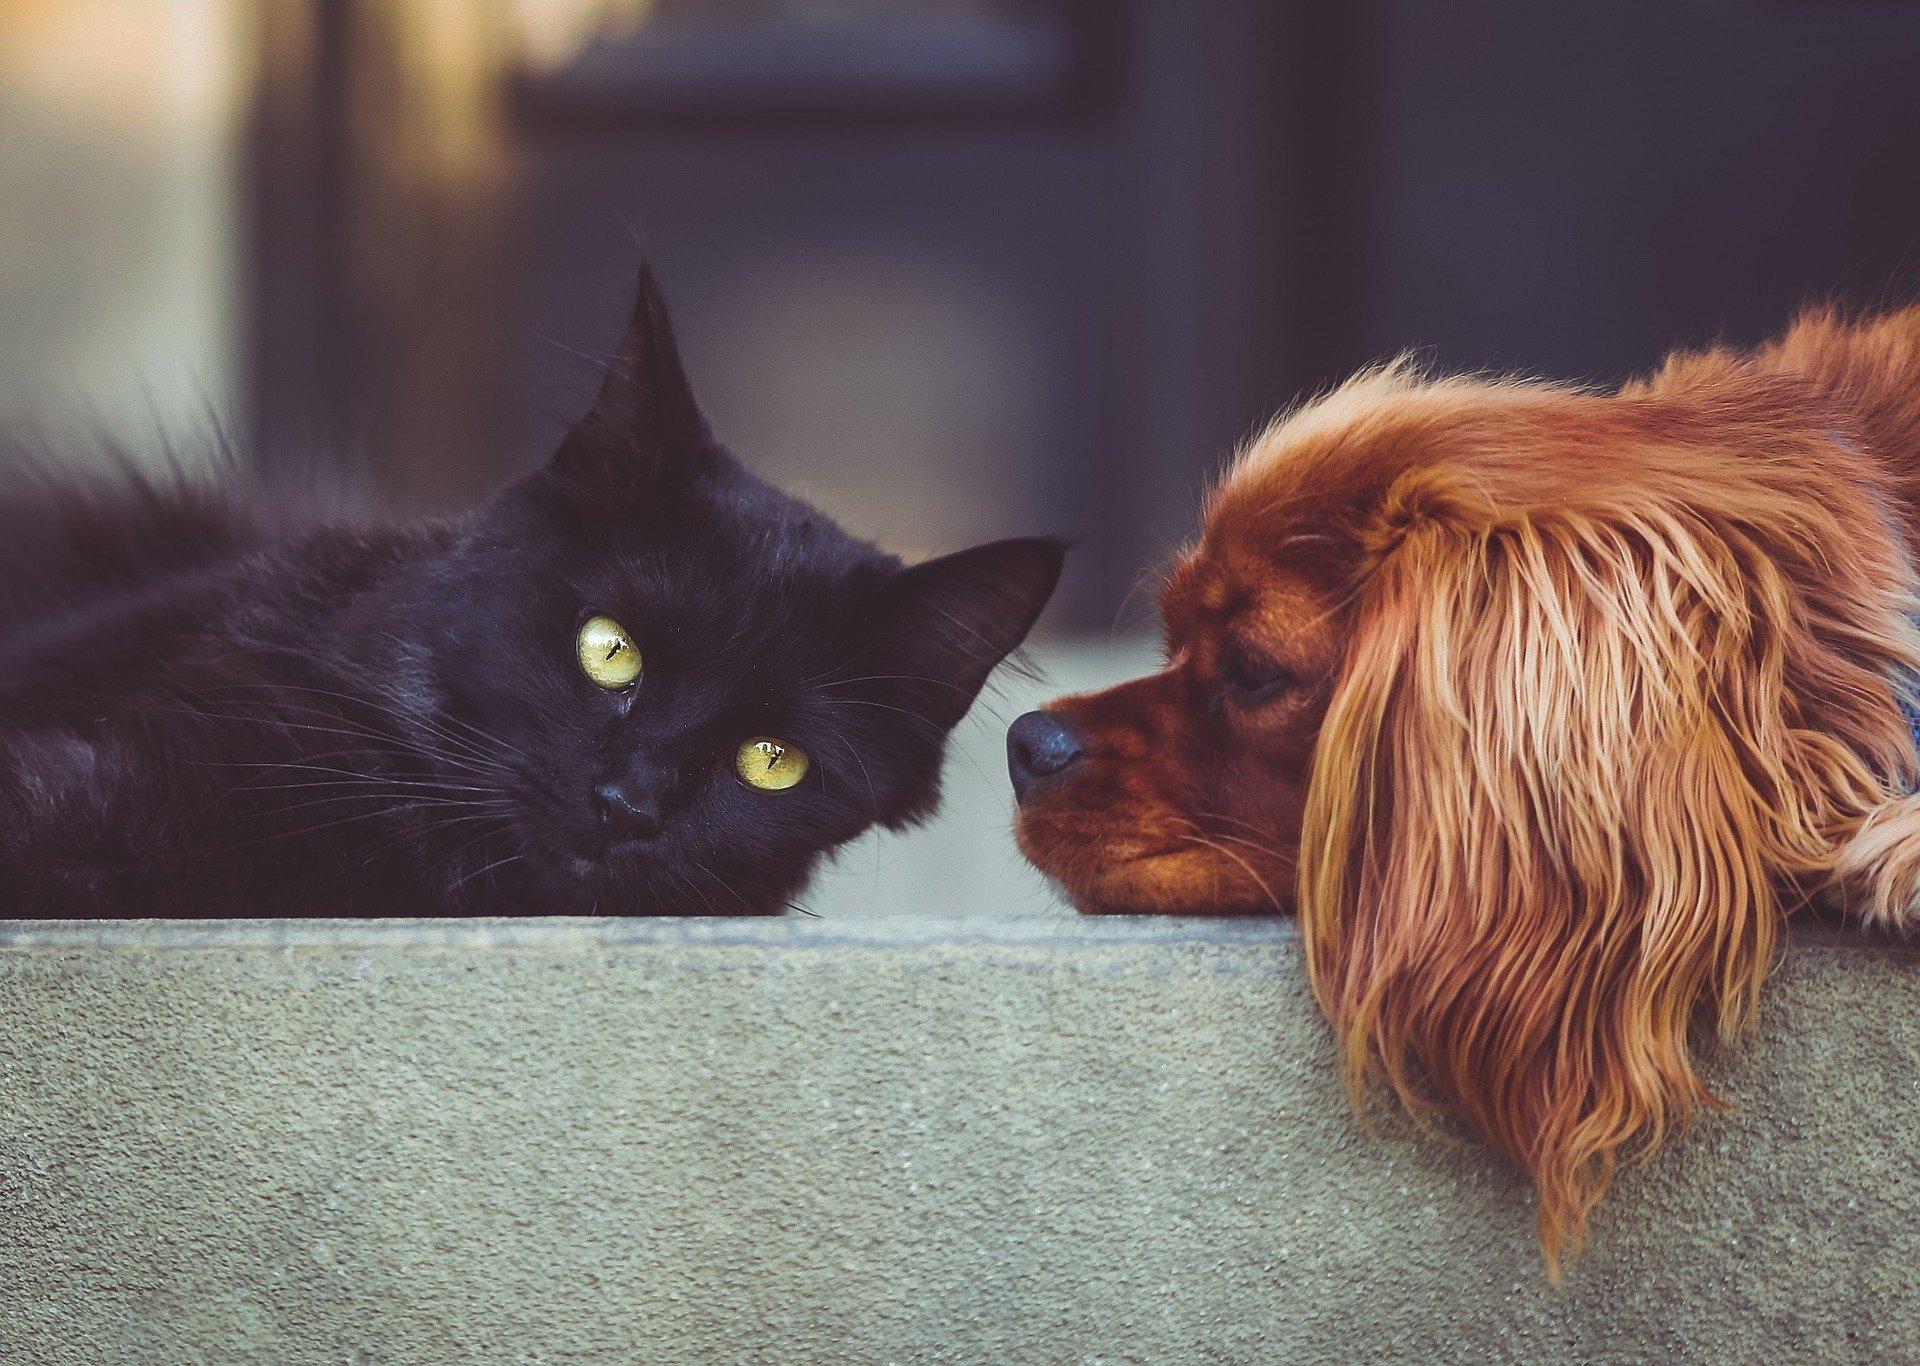 Hišni ljubljenčki prenašajo ljubezen, koronavirusa pa ne